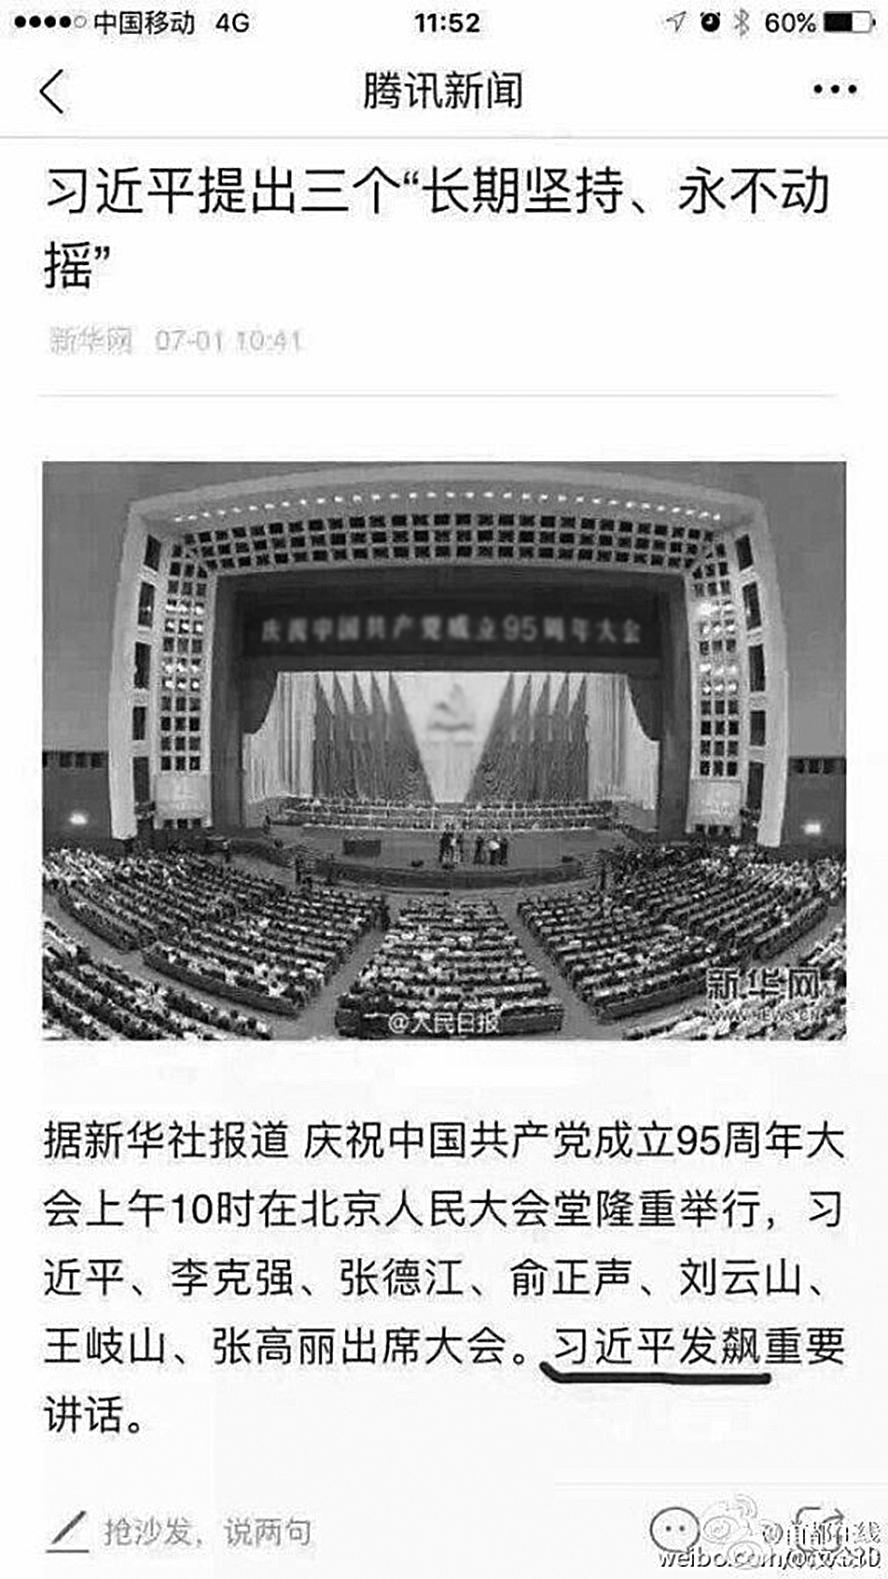 由江派常委劉雲山主管的黨媒報道習近平放重話的講話時,稱習近平「發飆重要講話」。(網絡截圖)